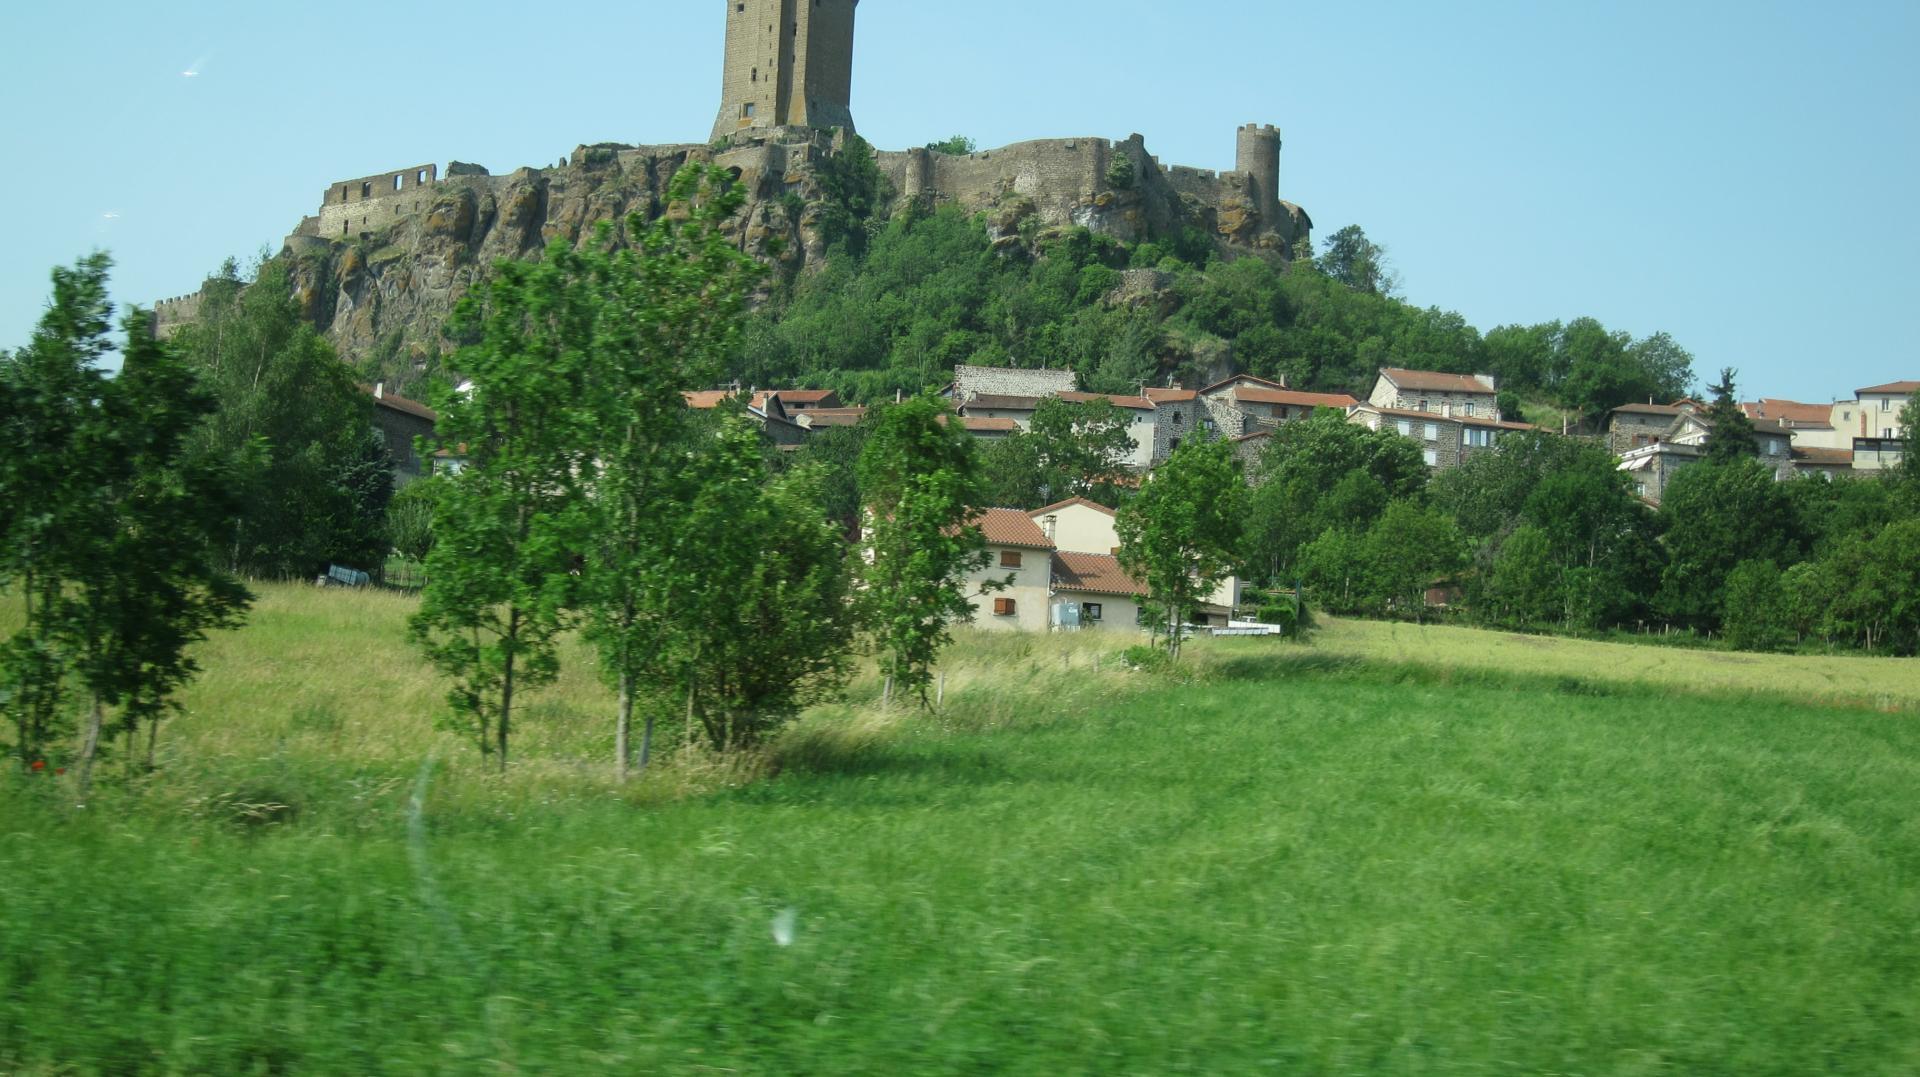 Le chateau de polignac a proximite